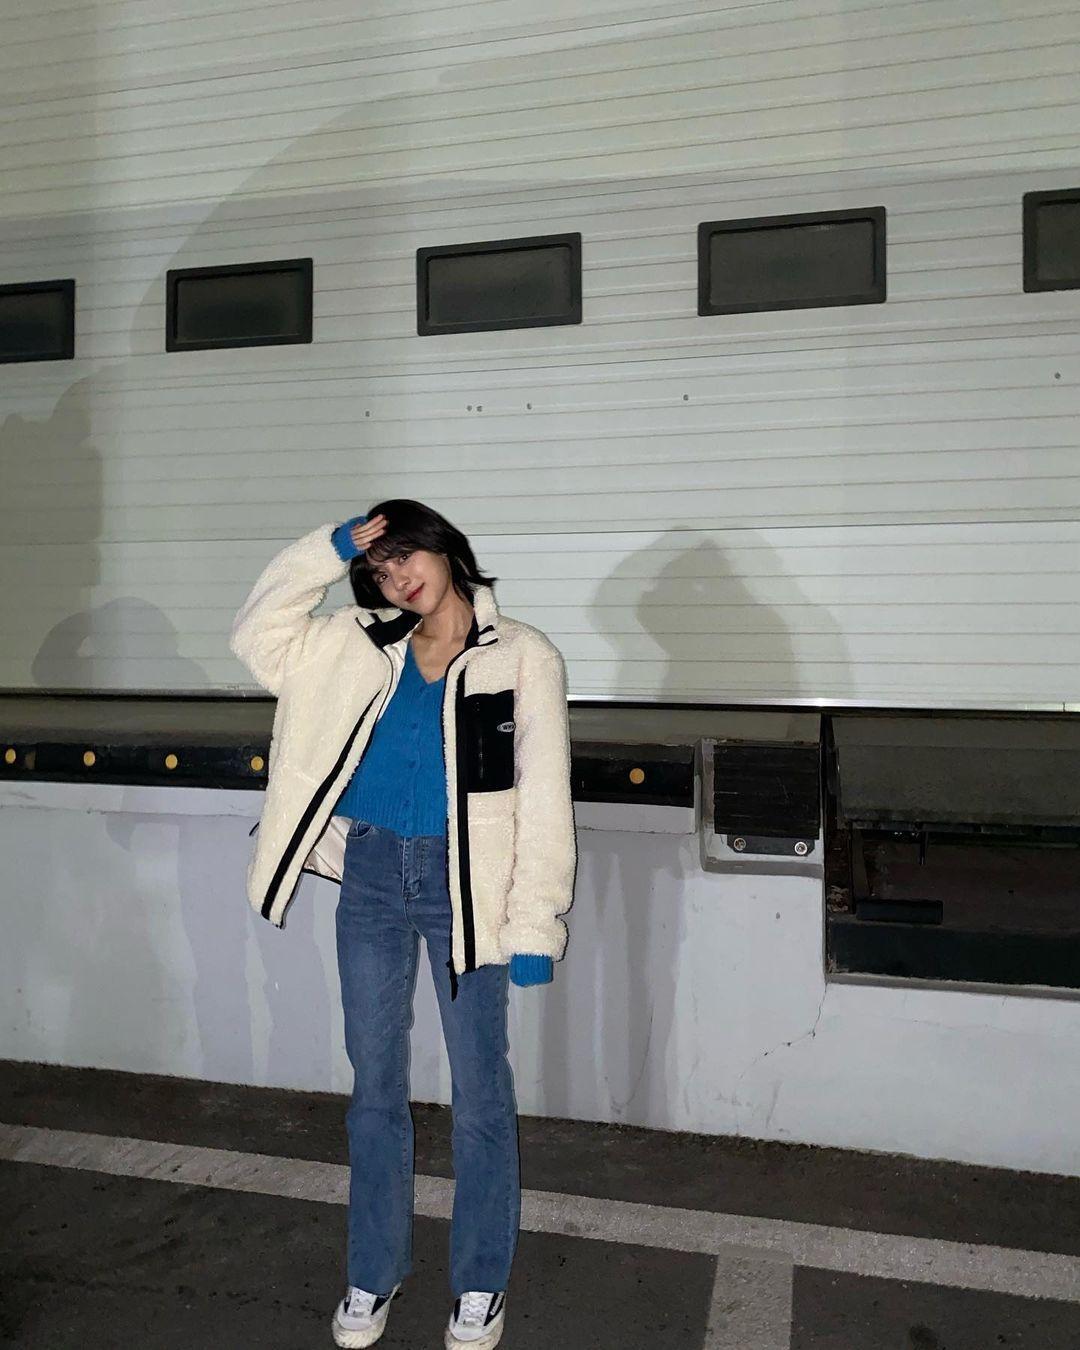 Intip Gaya Kang Min Ah, Aktris yang Ikut Eksis Berkat True Beauty